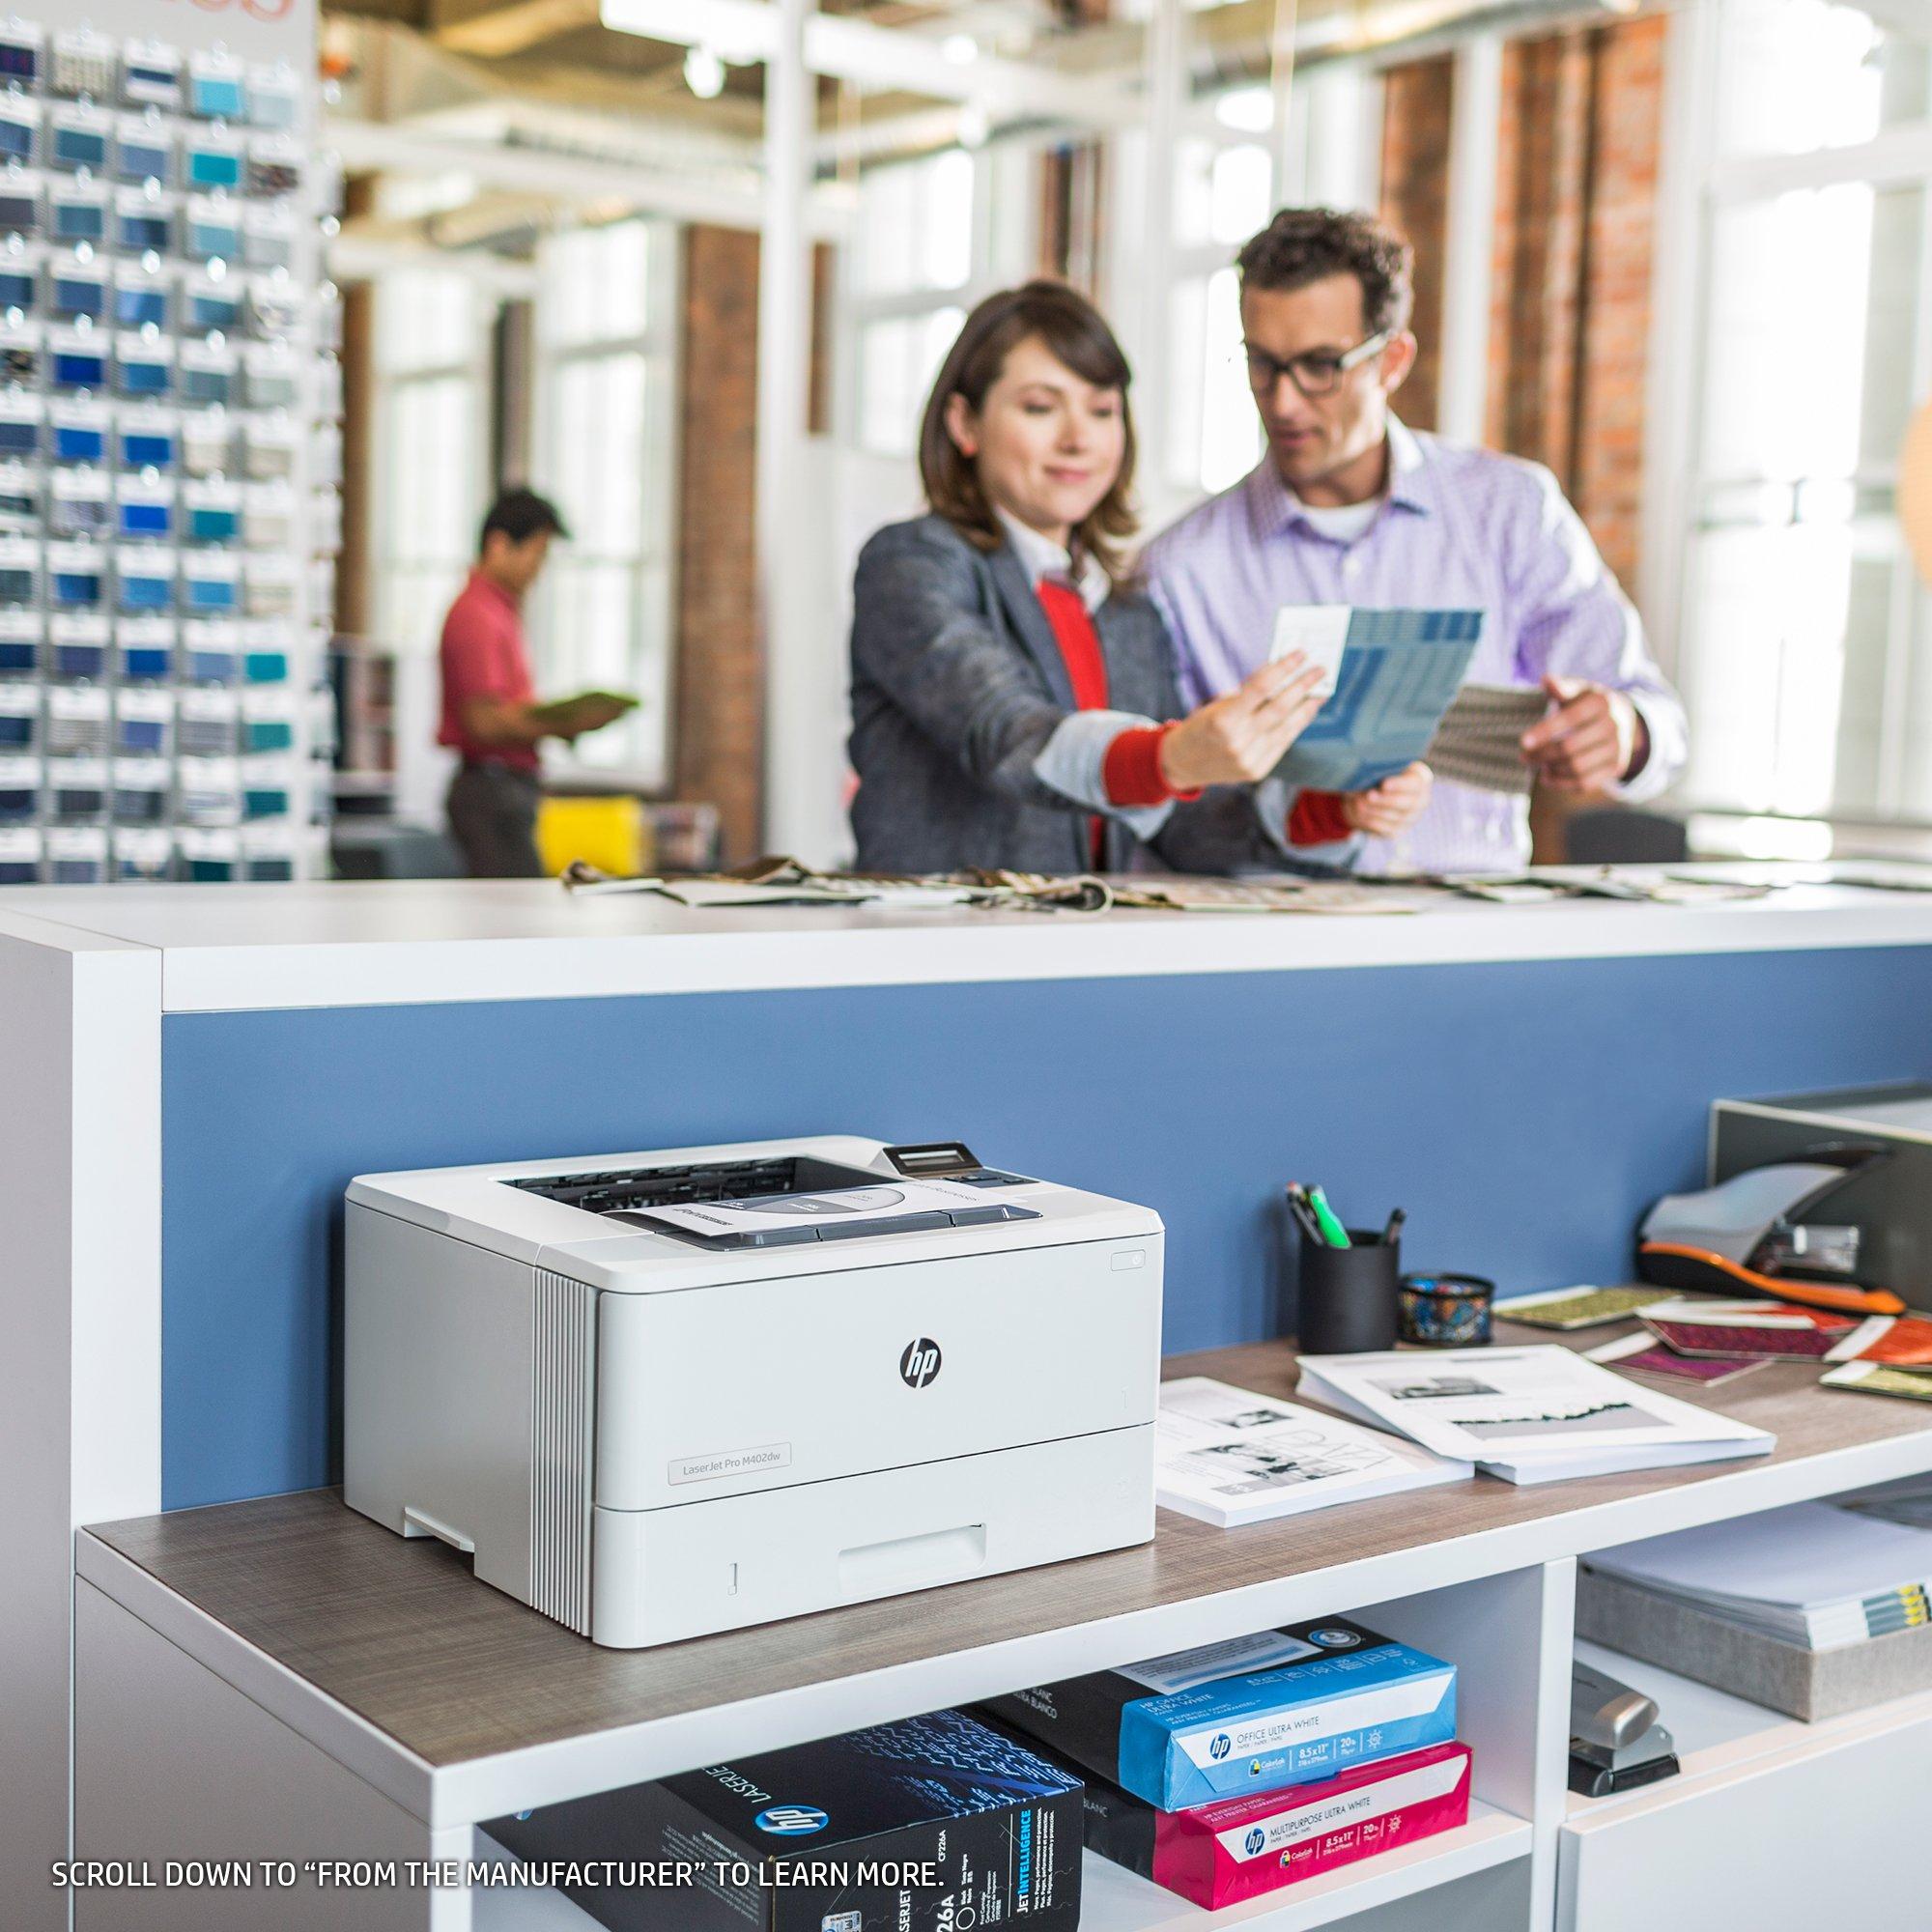 HP LaserJet Pro M402dw Wireless Monochrome Printer (C5F95A#BGJ) by HP (Image #8)